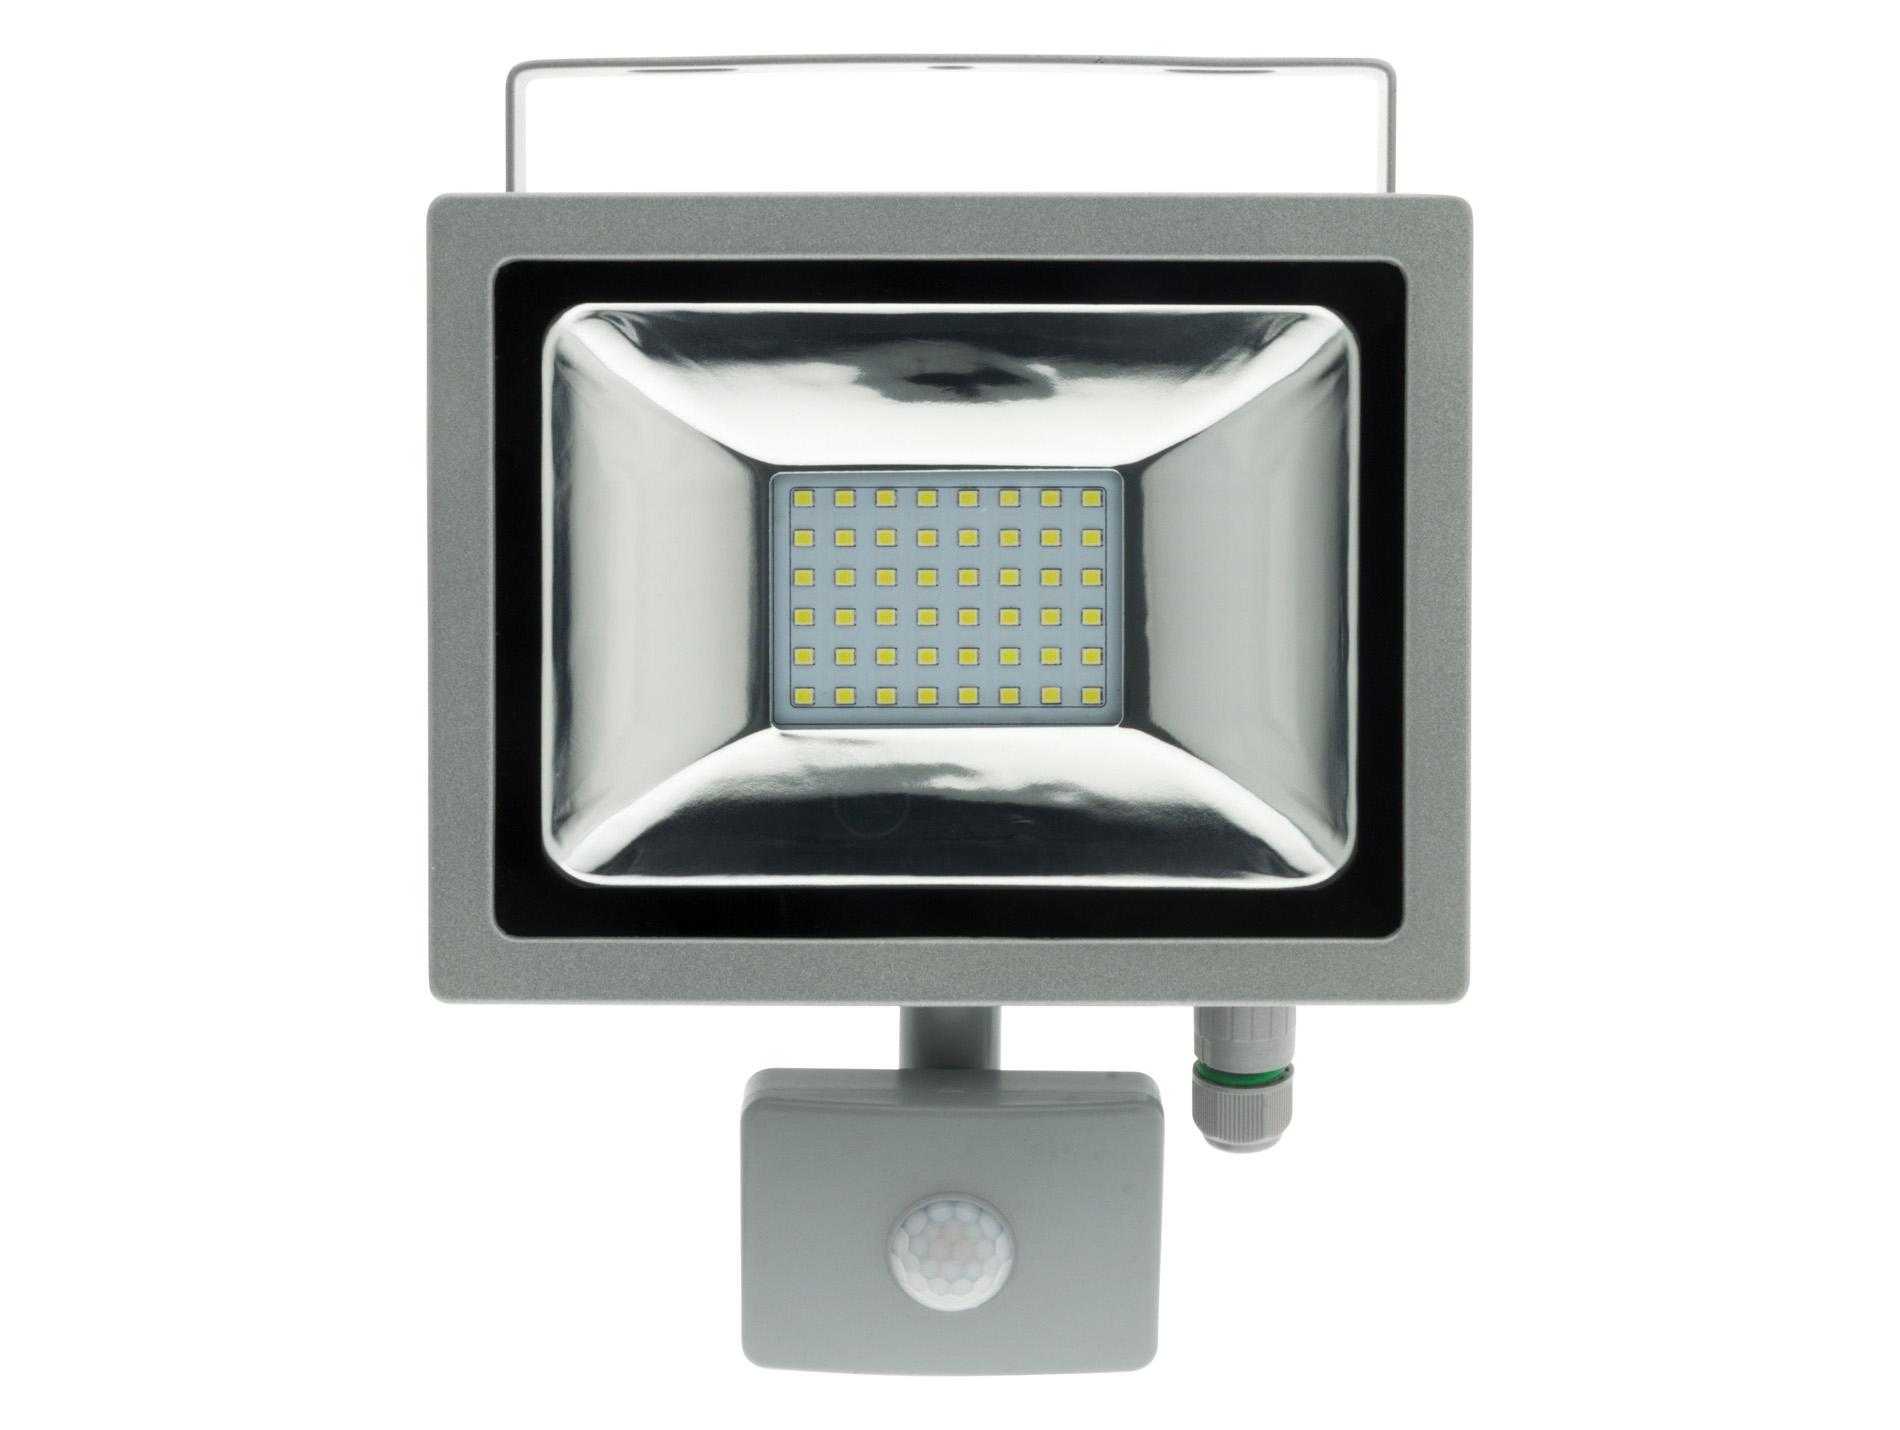 projecteur led 20w avec d tecteur gris projecteur hublot luminaire ext rieur eclairage. Black Bedroom Furniture Sets. Home Design Ideas